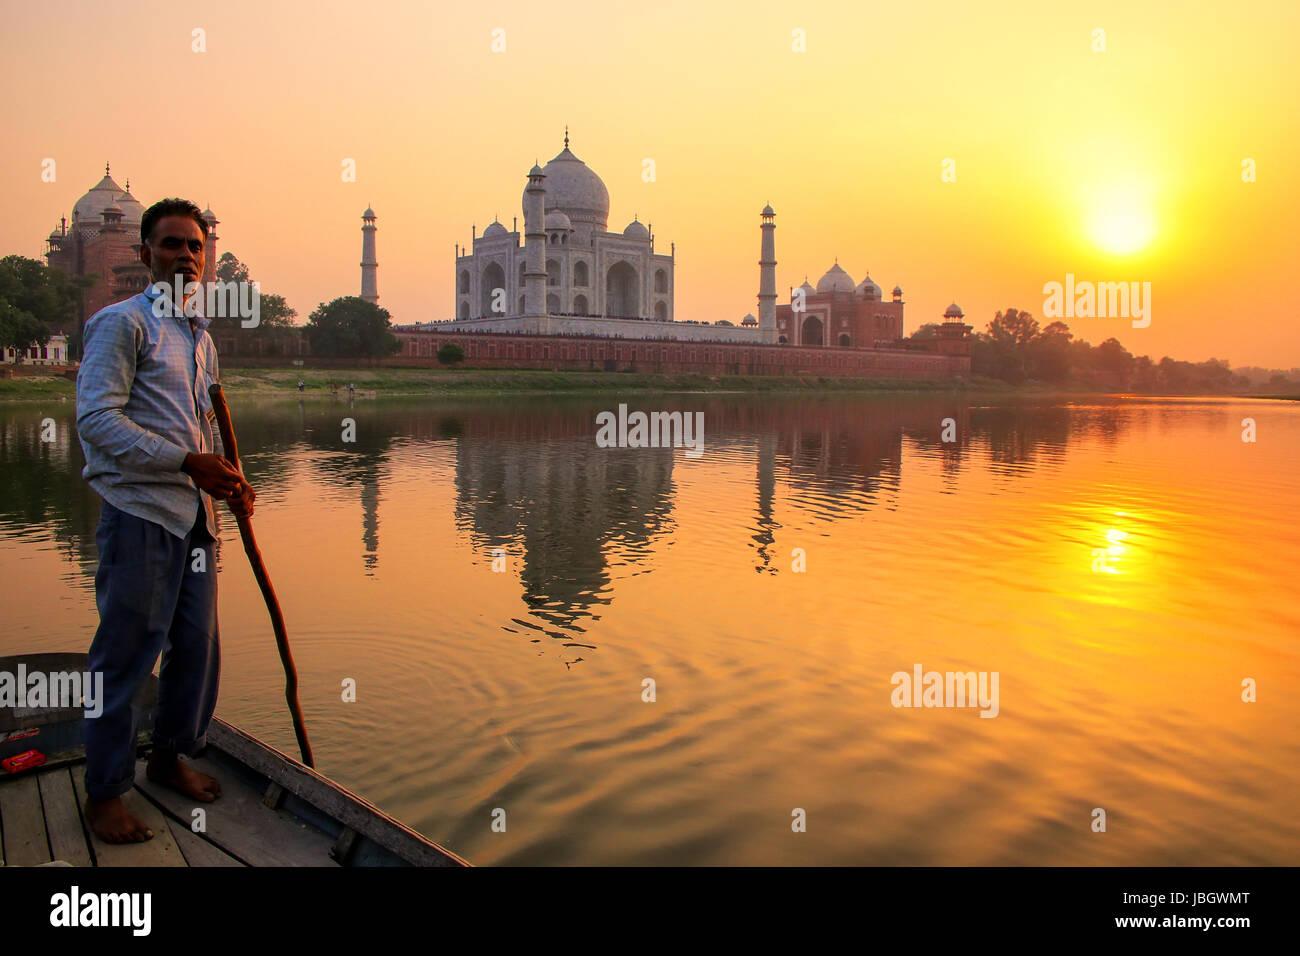 Hombre local dirección en bote río Yamuna al atardecer en frente del Taj Mahal, en Agra, India. Fue construido Imagen De Stock